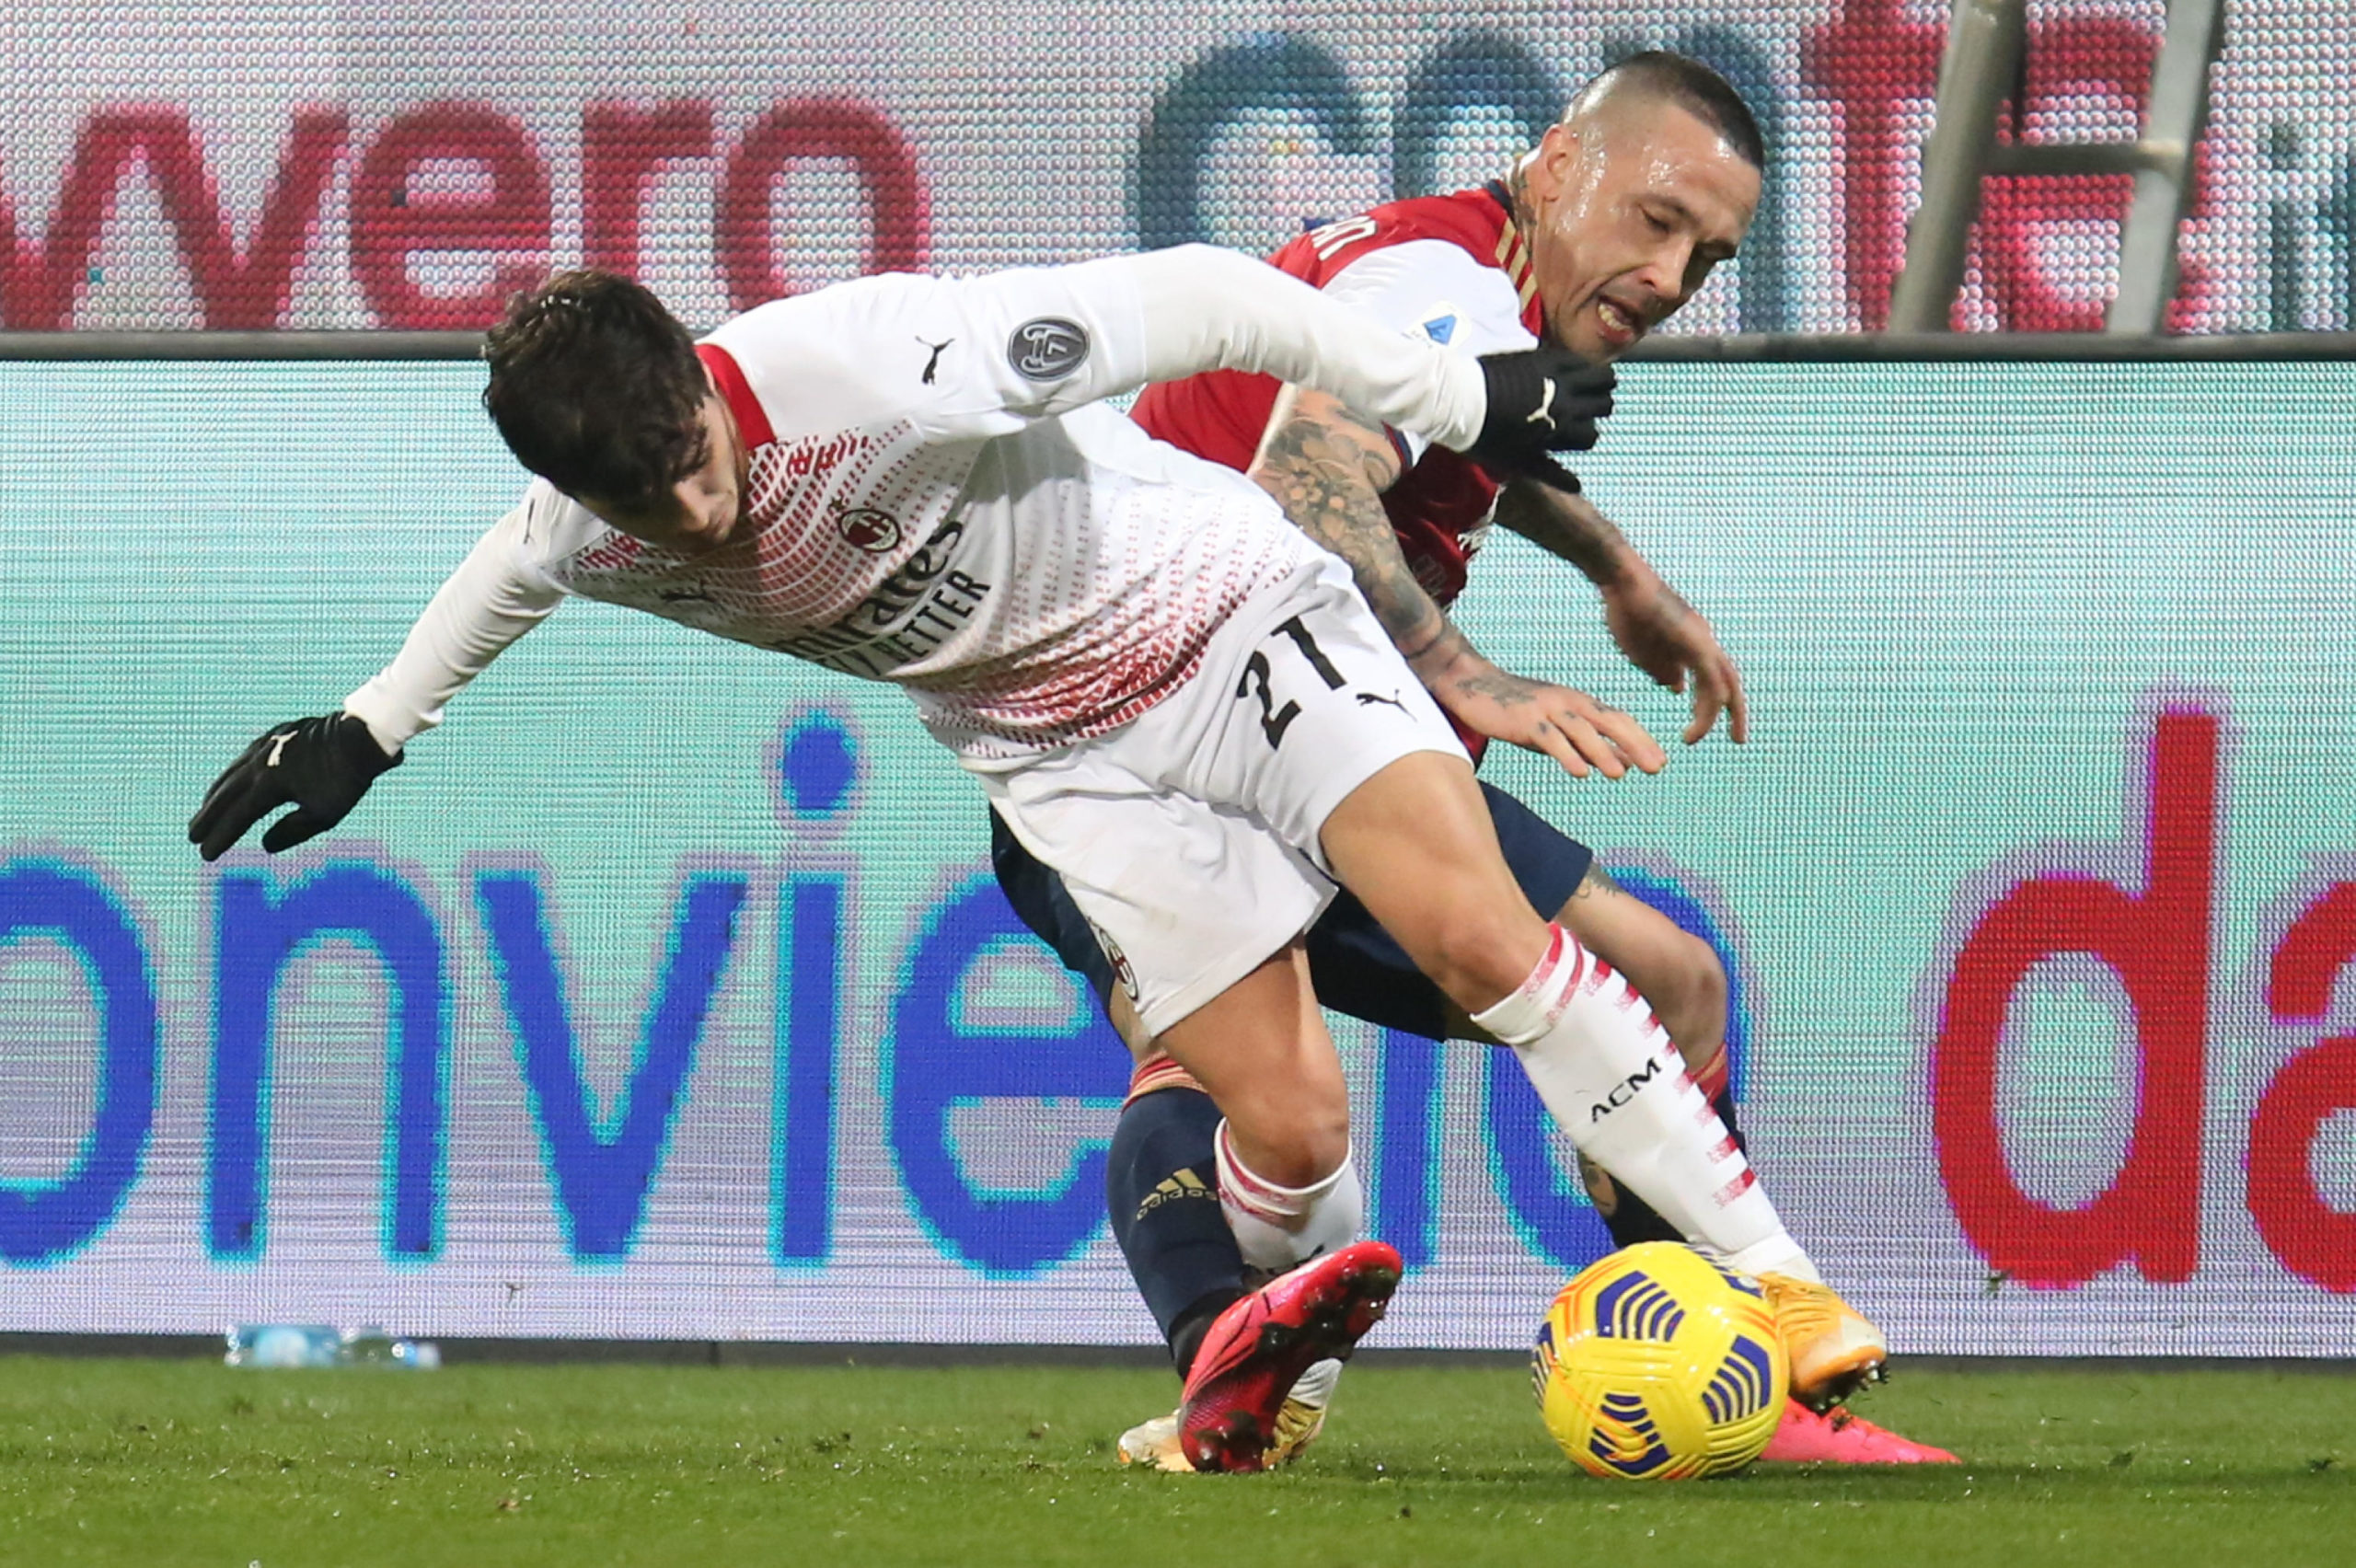 Radja Nainggolan challenges Milan's Brahim Diaz